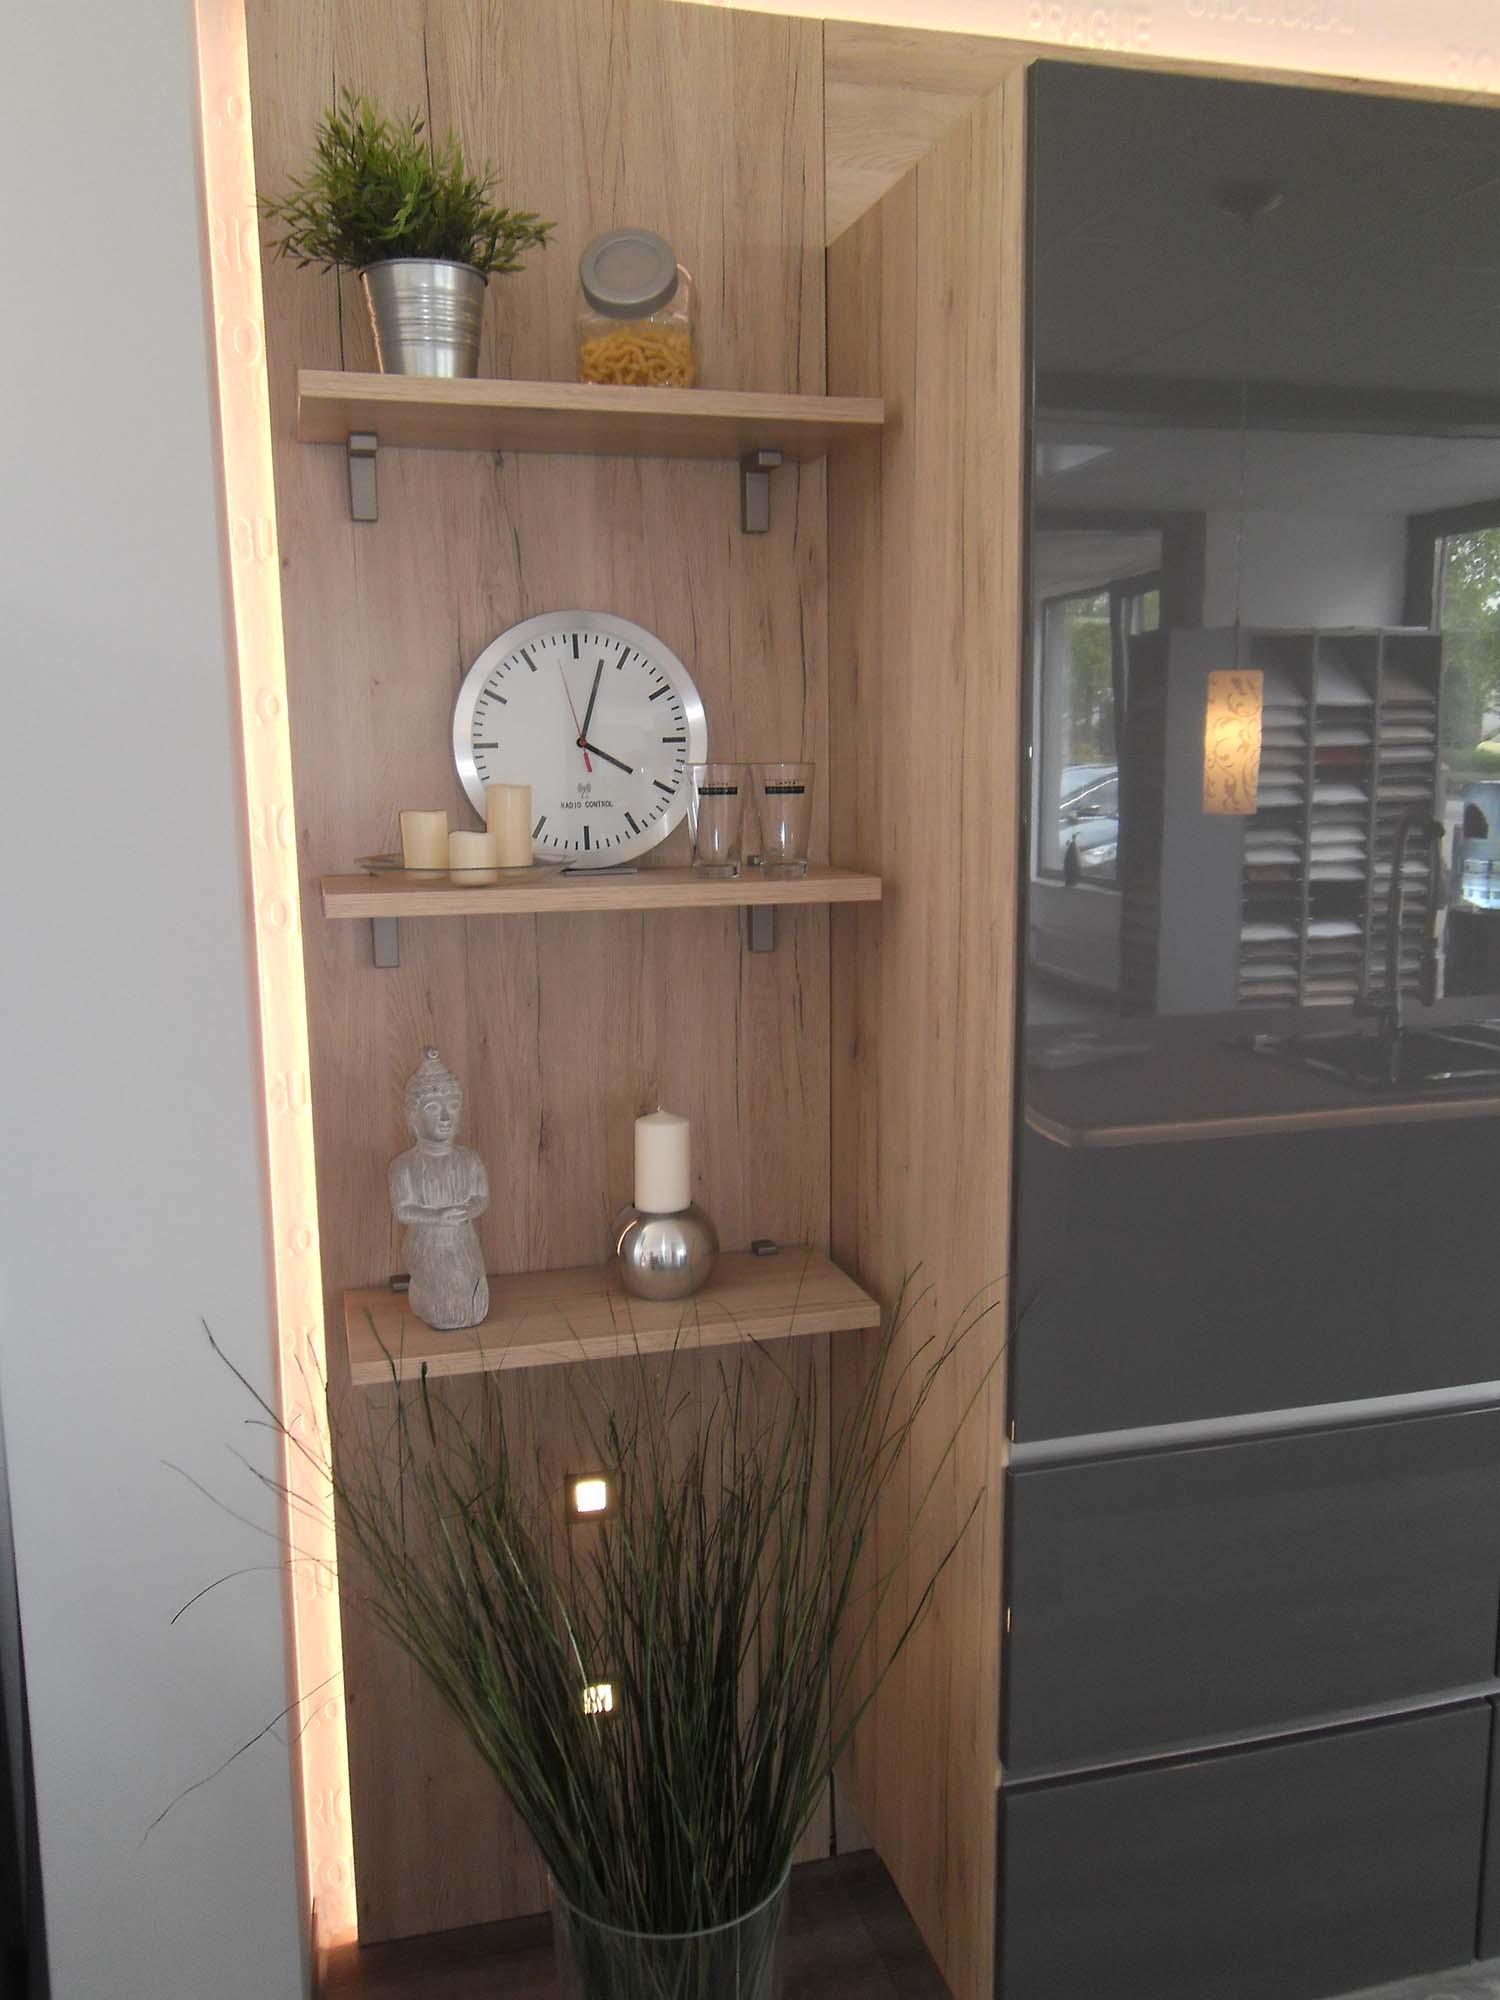 dekoratives Seitenregal und LED-Ambientebeleuchtung